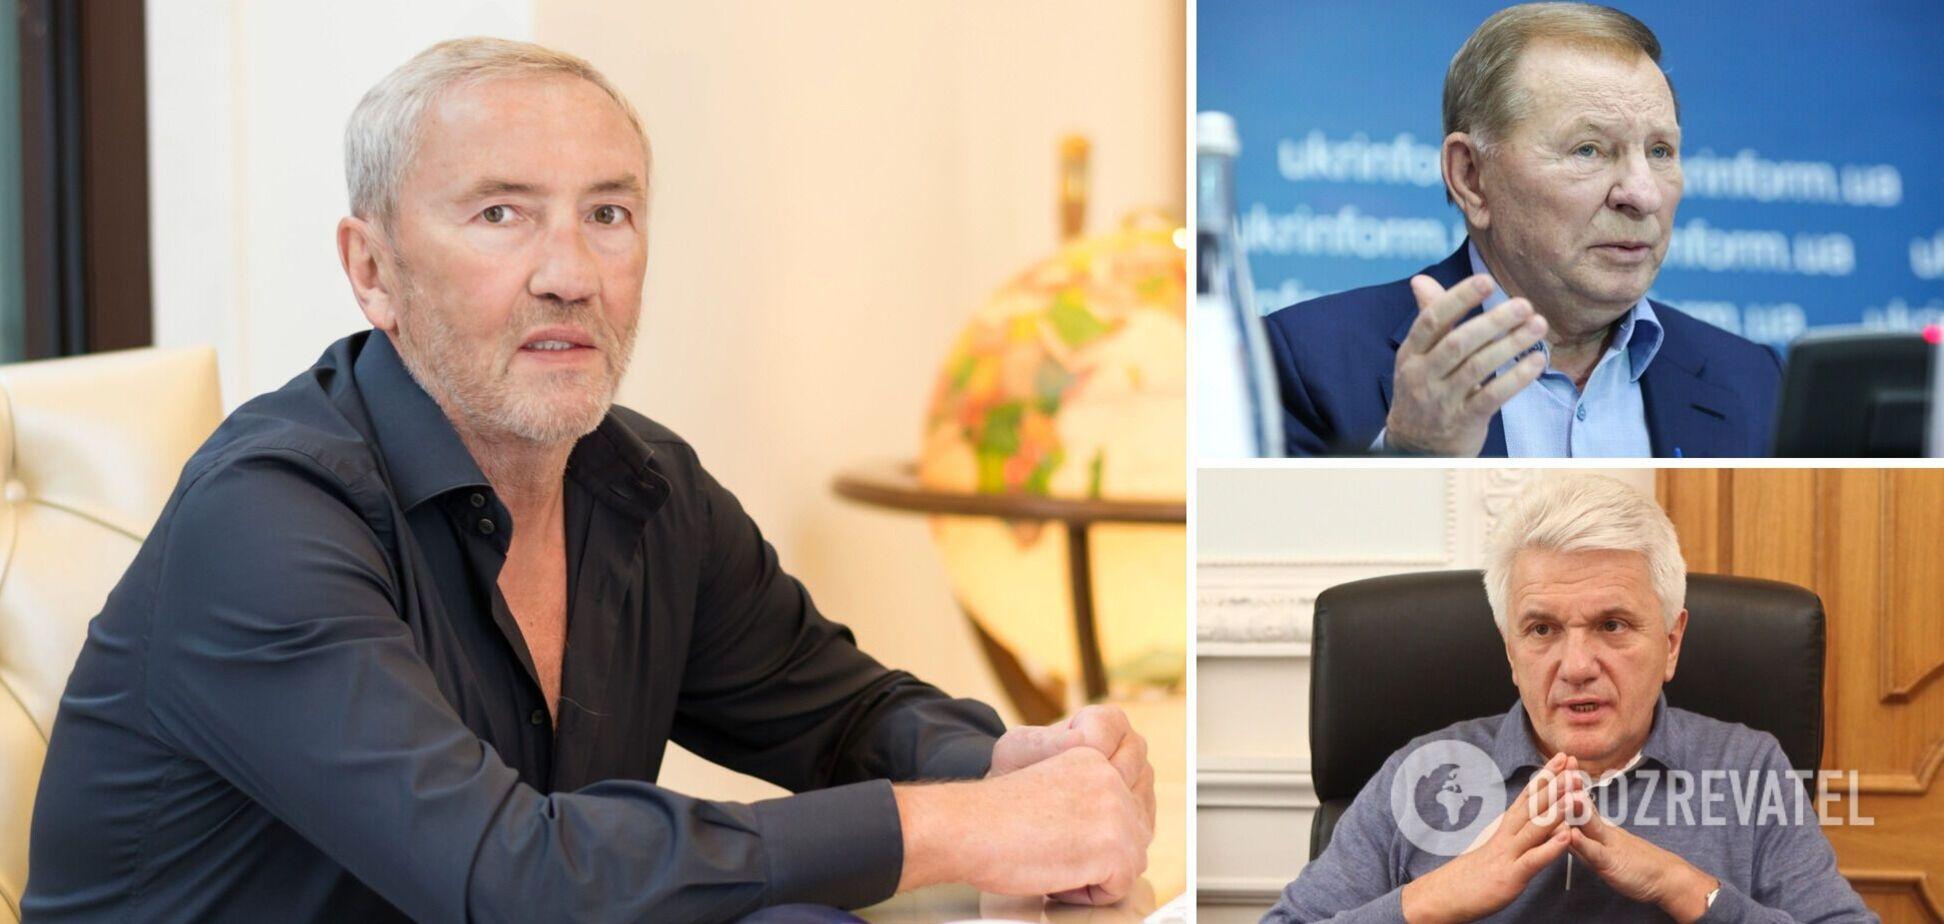 Черновецкий заявил, что оплачивал проституток для Кучмы и Литвина. Видео